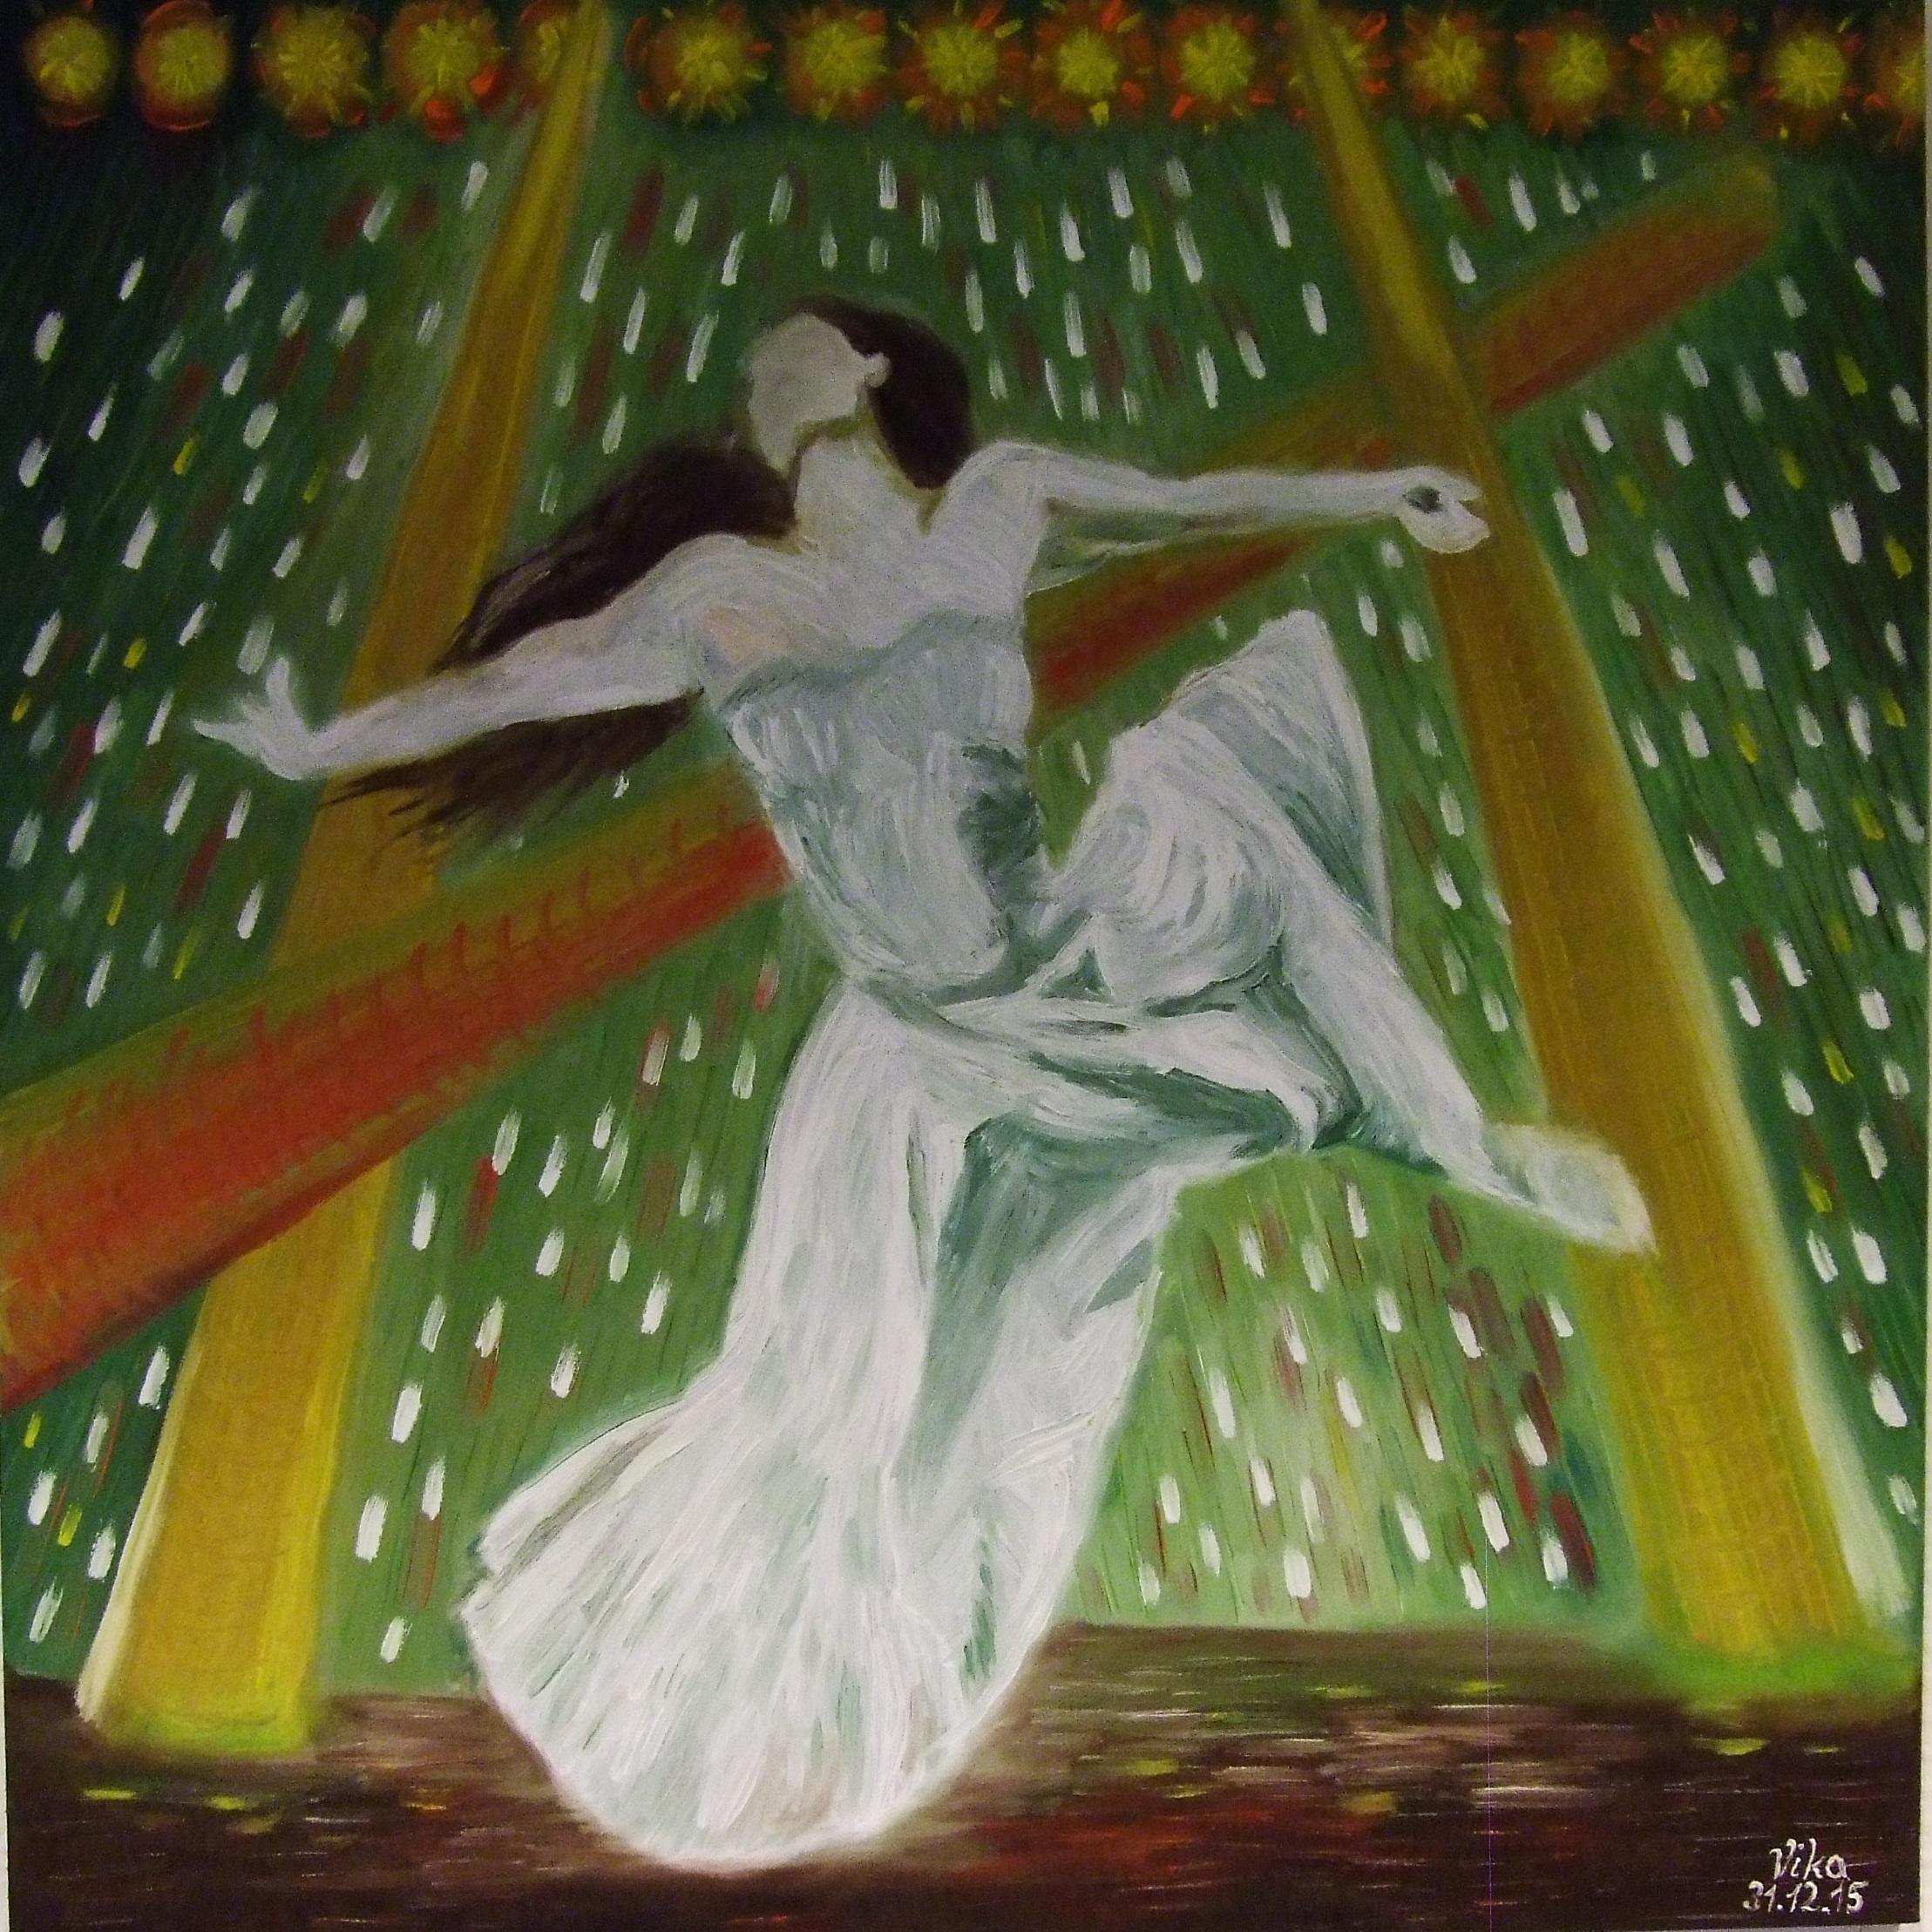 Grauschwarzweiß und Grün ist eine grünende Farbe Ausstellung Viktoria Reitz 5.9.17 – 31.10.17 Klinik Foyer